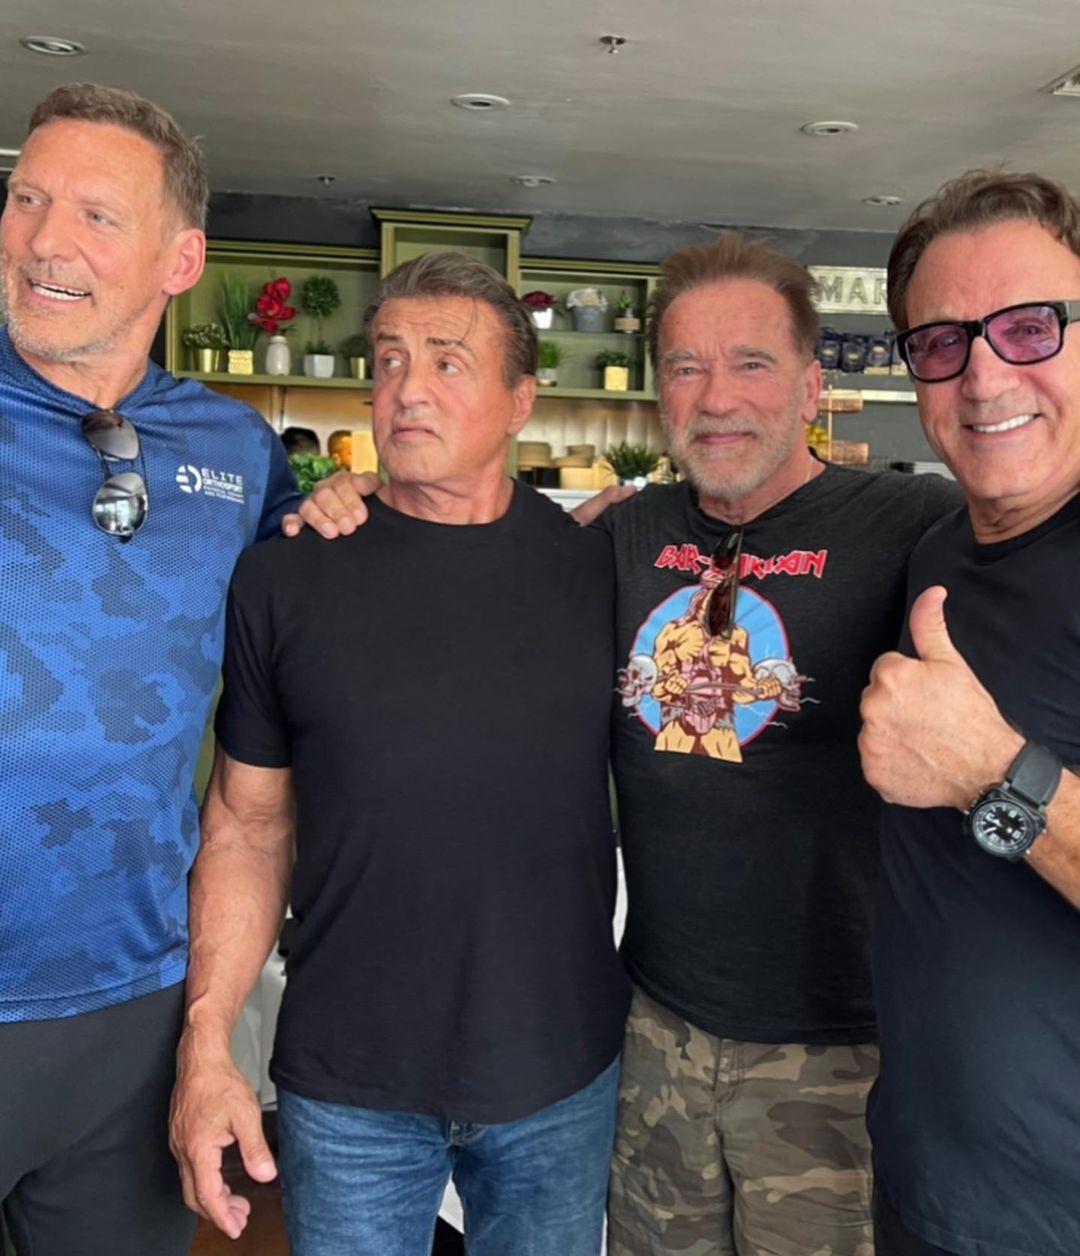 arnold schwarzenegger e sylvester stallone voltam a se reencontrar apos mais de um ano sem se ver imagem2 - Arnold Schwarzenegger e Sylvester Stallone voltam a se reencontrar após mais de um ano sem se ver